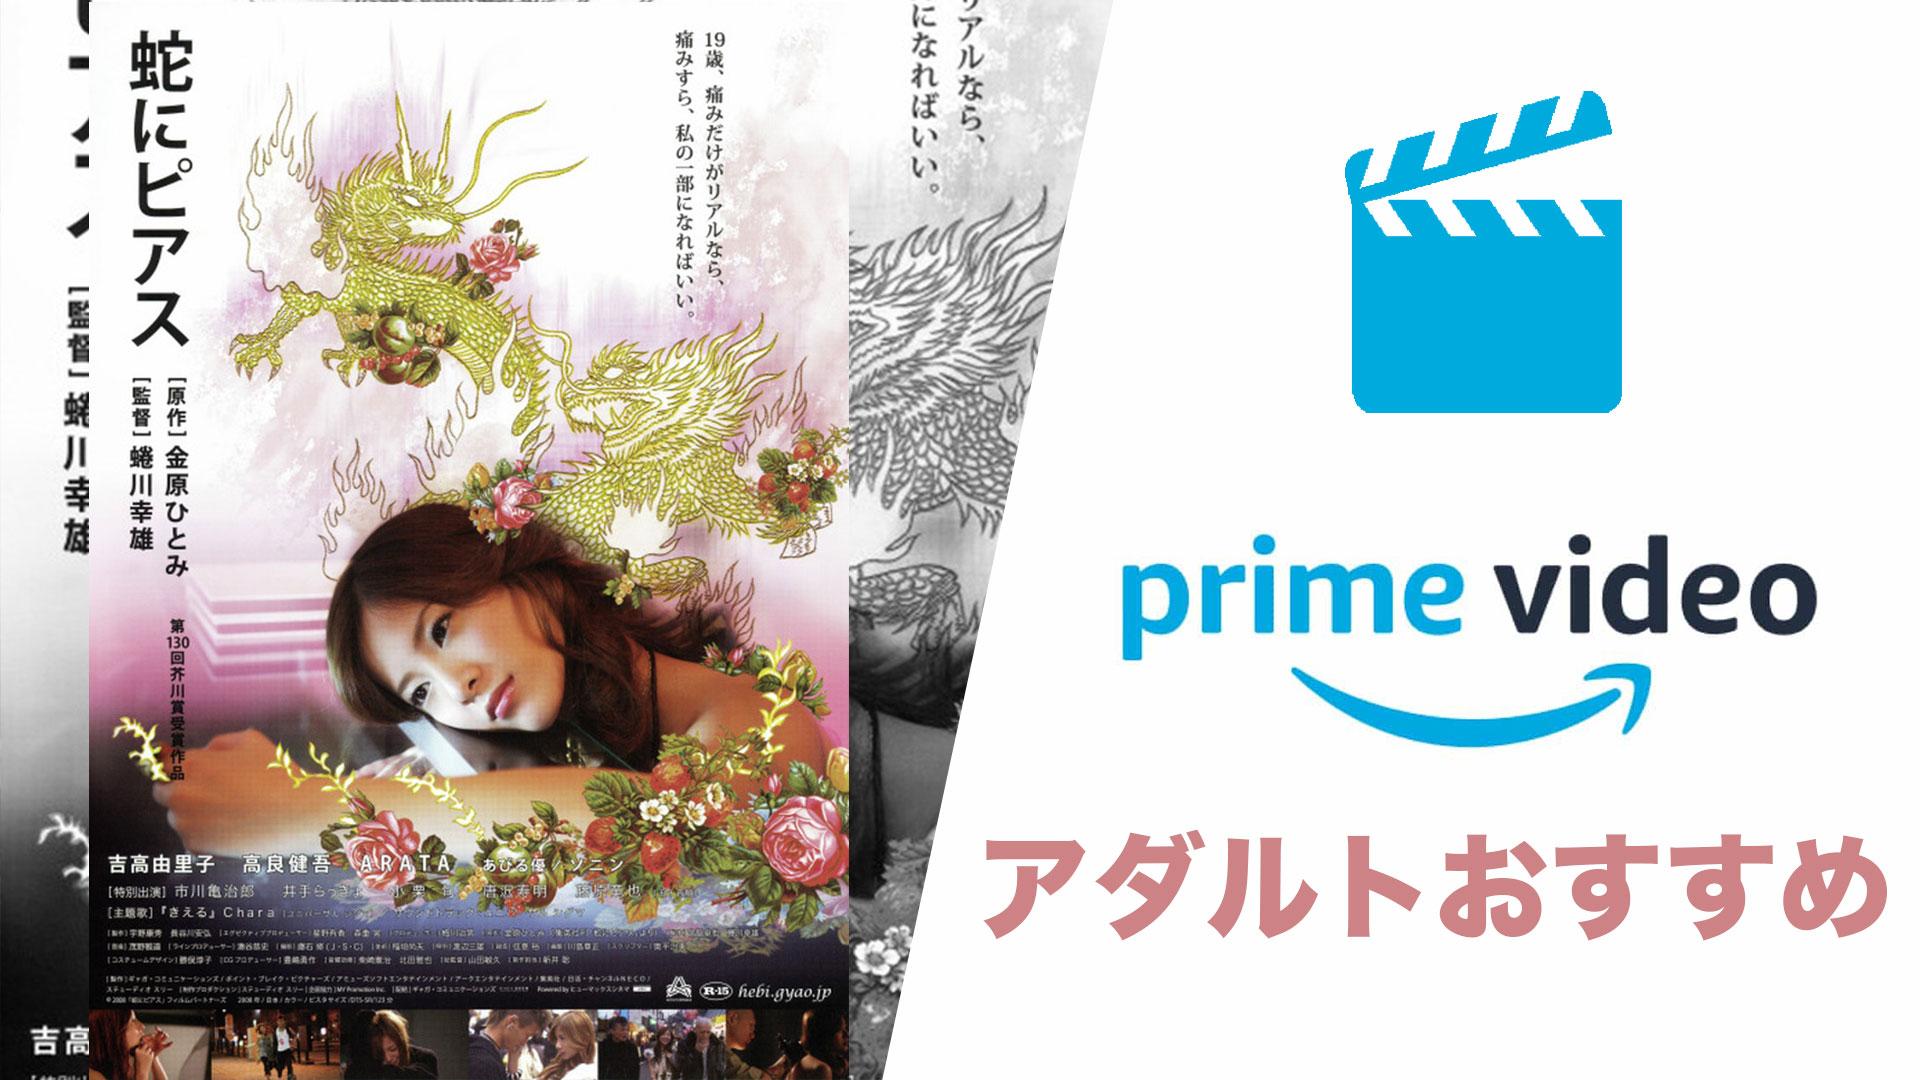 Amazonプライムビデオ_アダルト・エロ